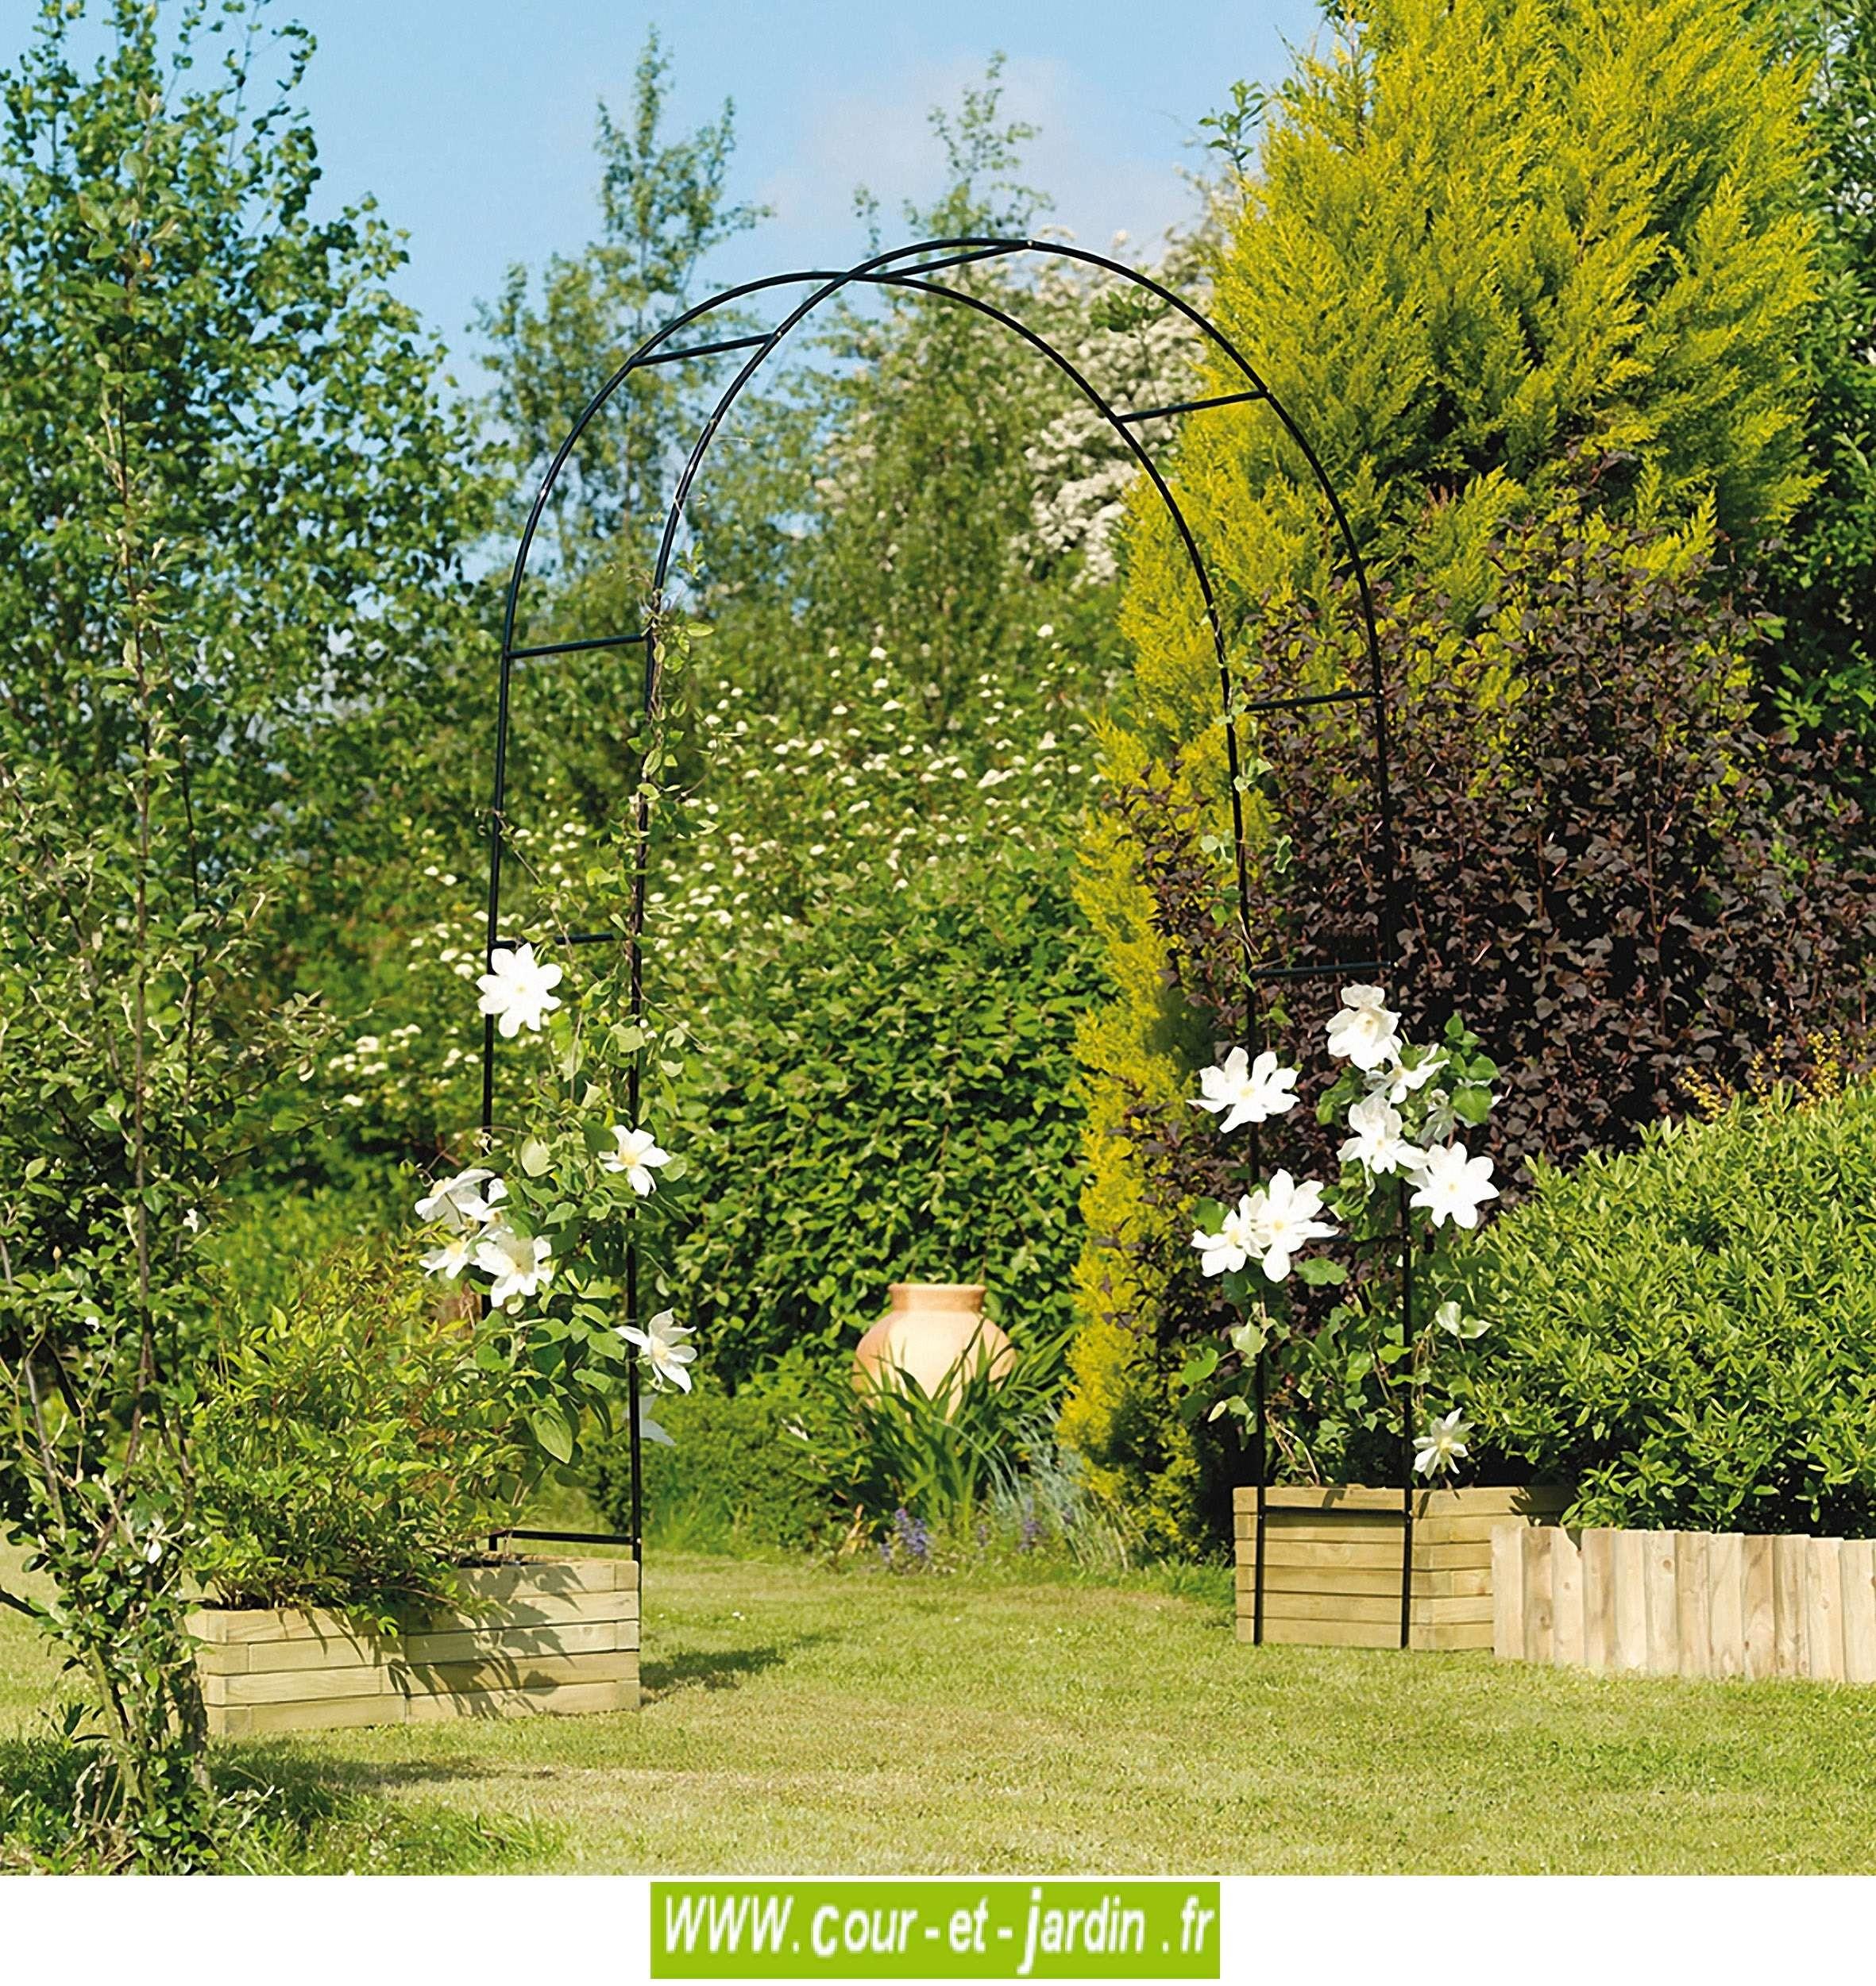 Arche De Jardin, En Métal Easy Arch - Pergola De Jardin ... concernant Arceau De Jardin